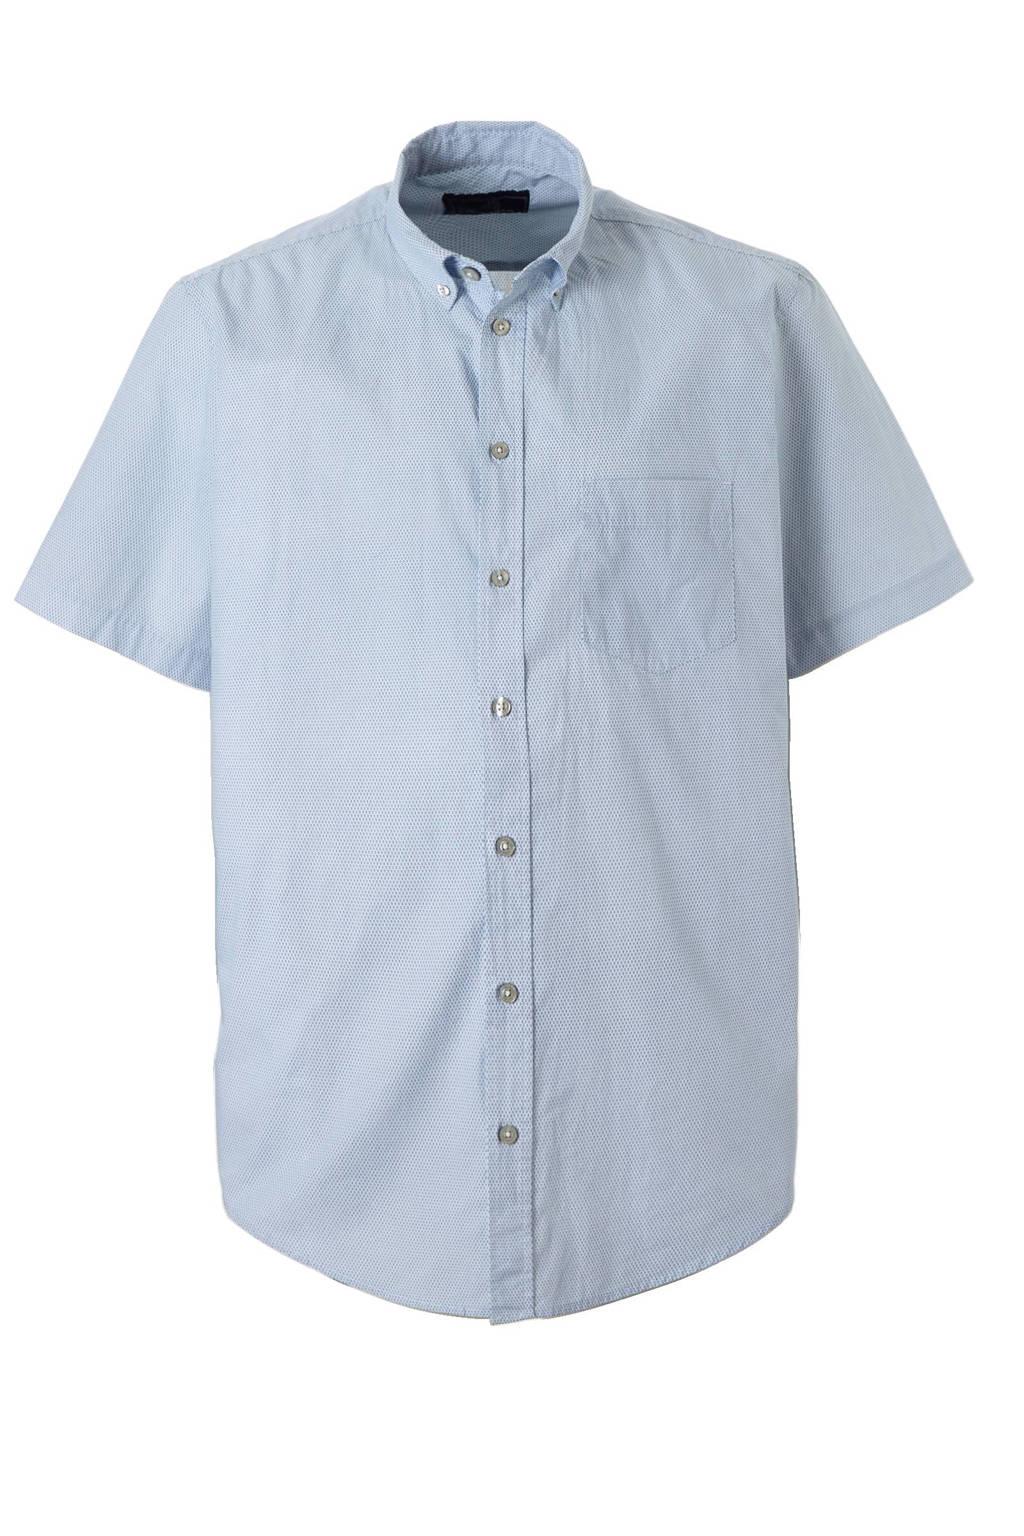 Overhemd Xl.C A Heren Xl Overhemd Met Korte Mouwen Lichtblauw Wehkamp